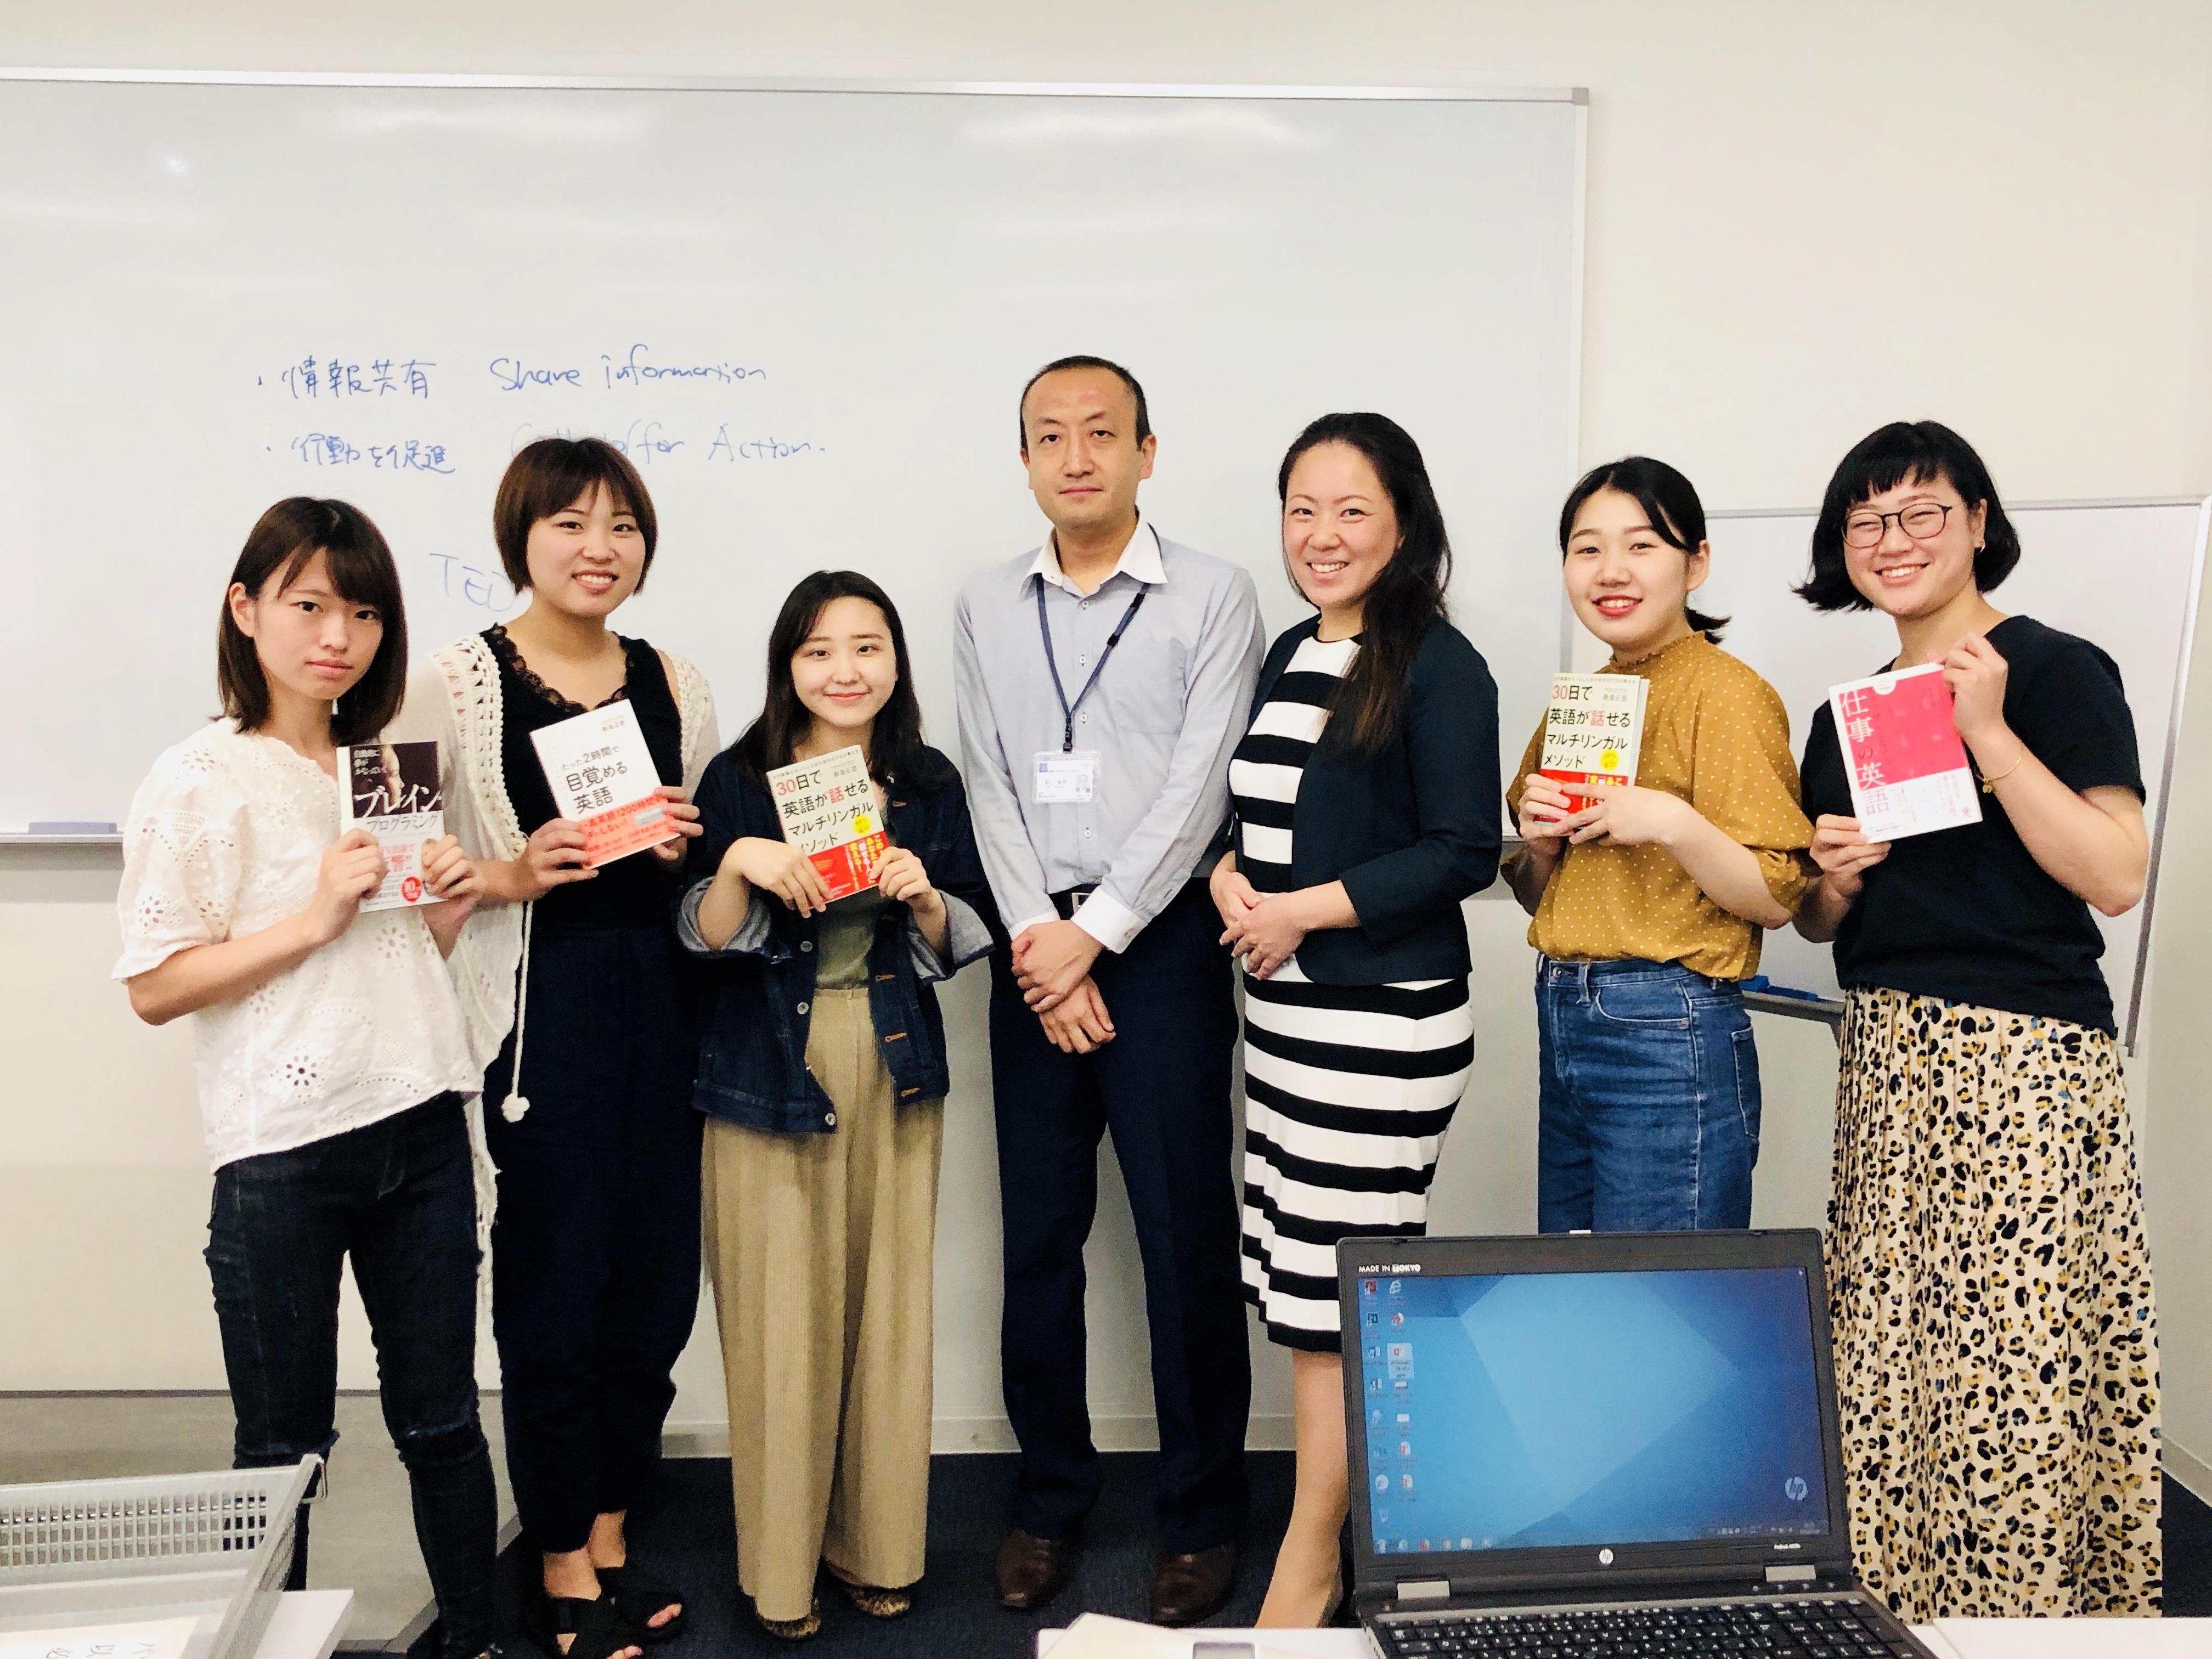 昭和女子大学でグローバルキャリアについて出張授業